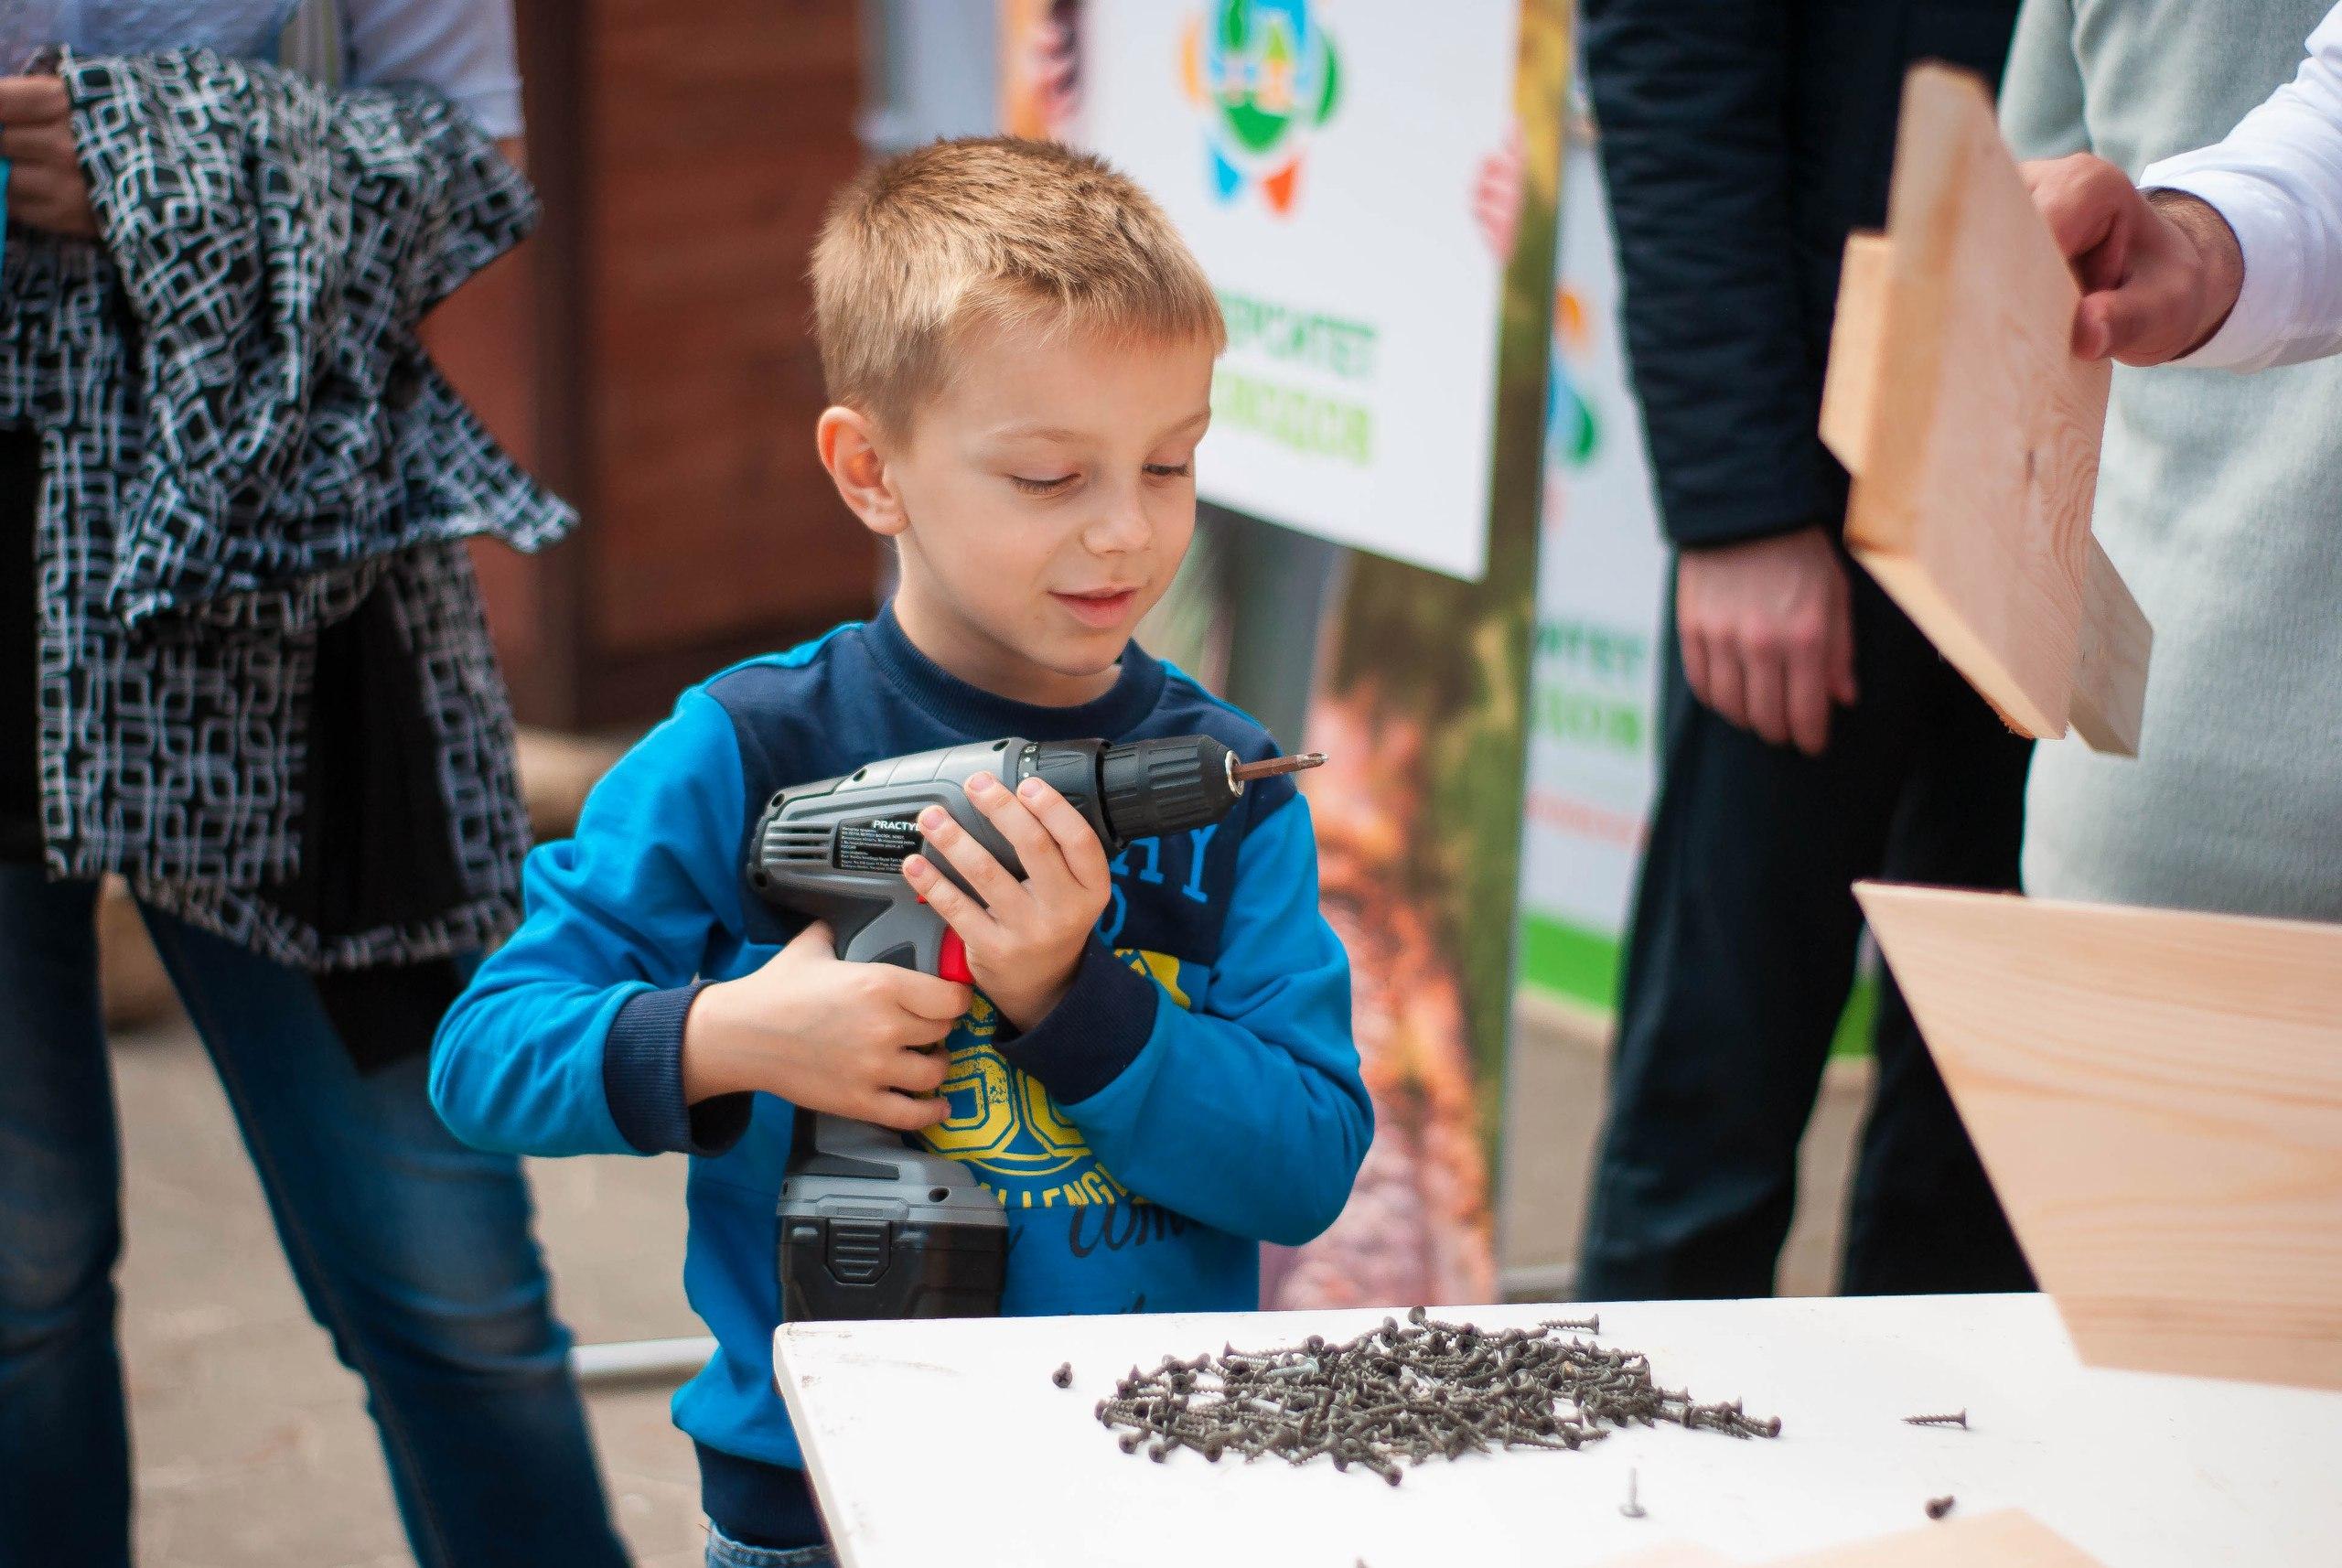 Университет Садоводов на экологическом фестивале в Домодедово провел мастер-класс для детей по изготовлению кормушек